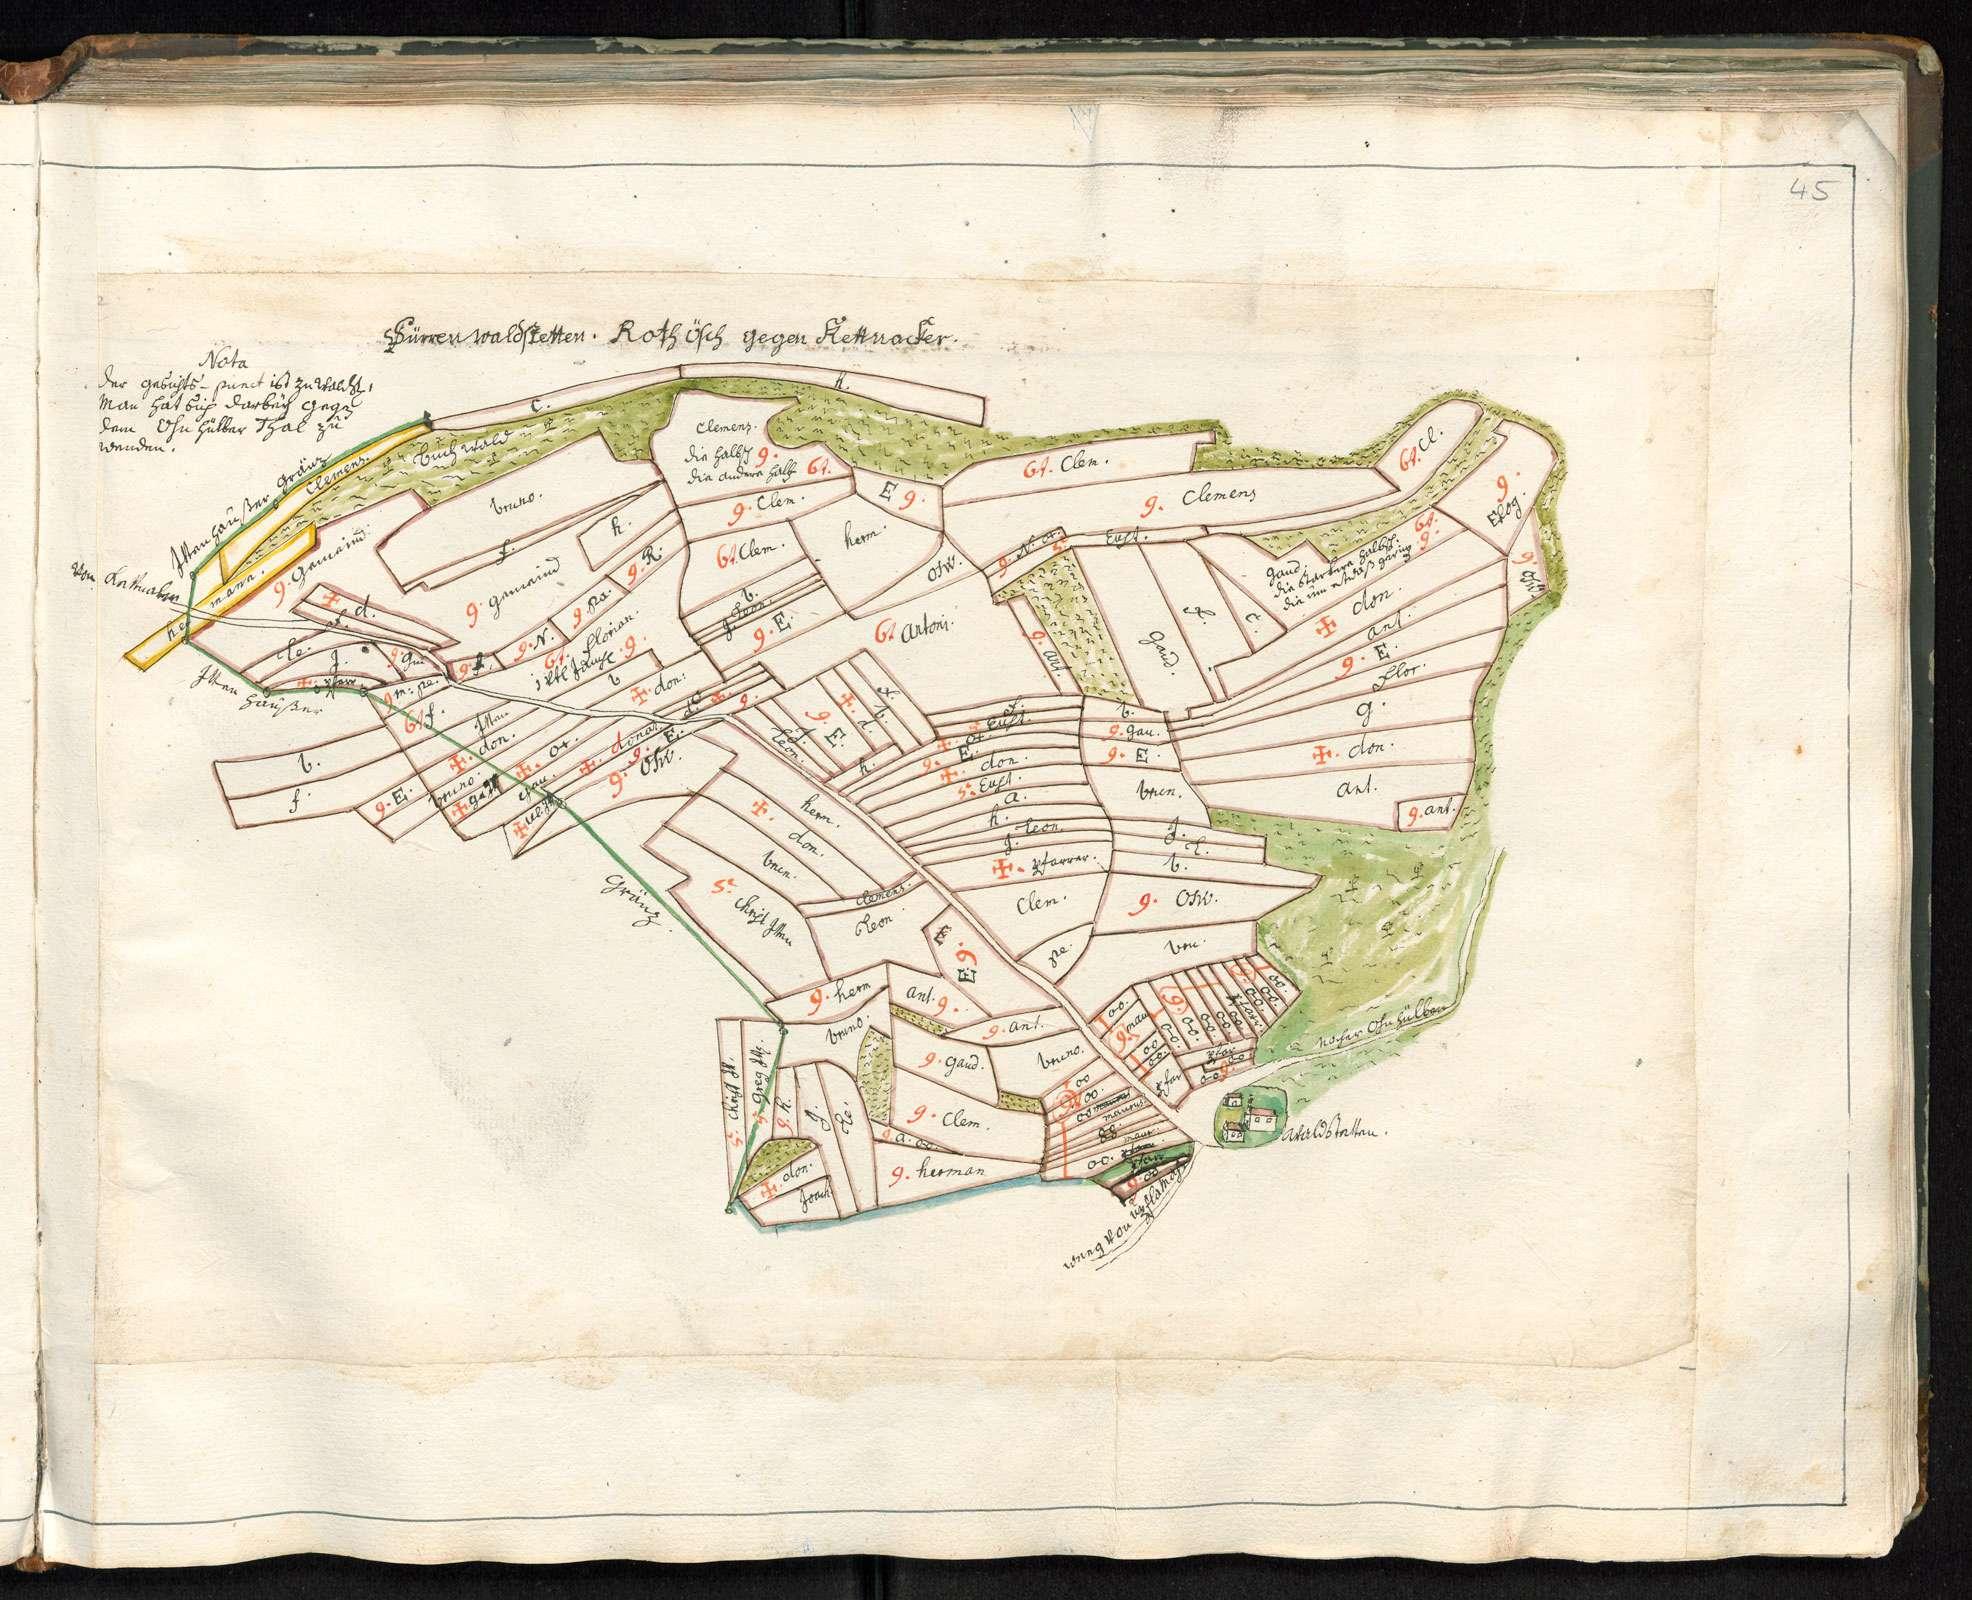 Zwiefalten, Orte des Klosterterritoriums, Dürrenwaldstetten (1), Bild 2